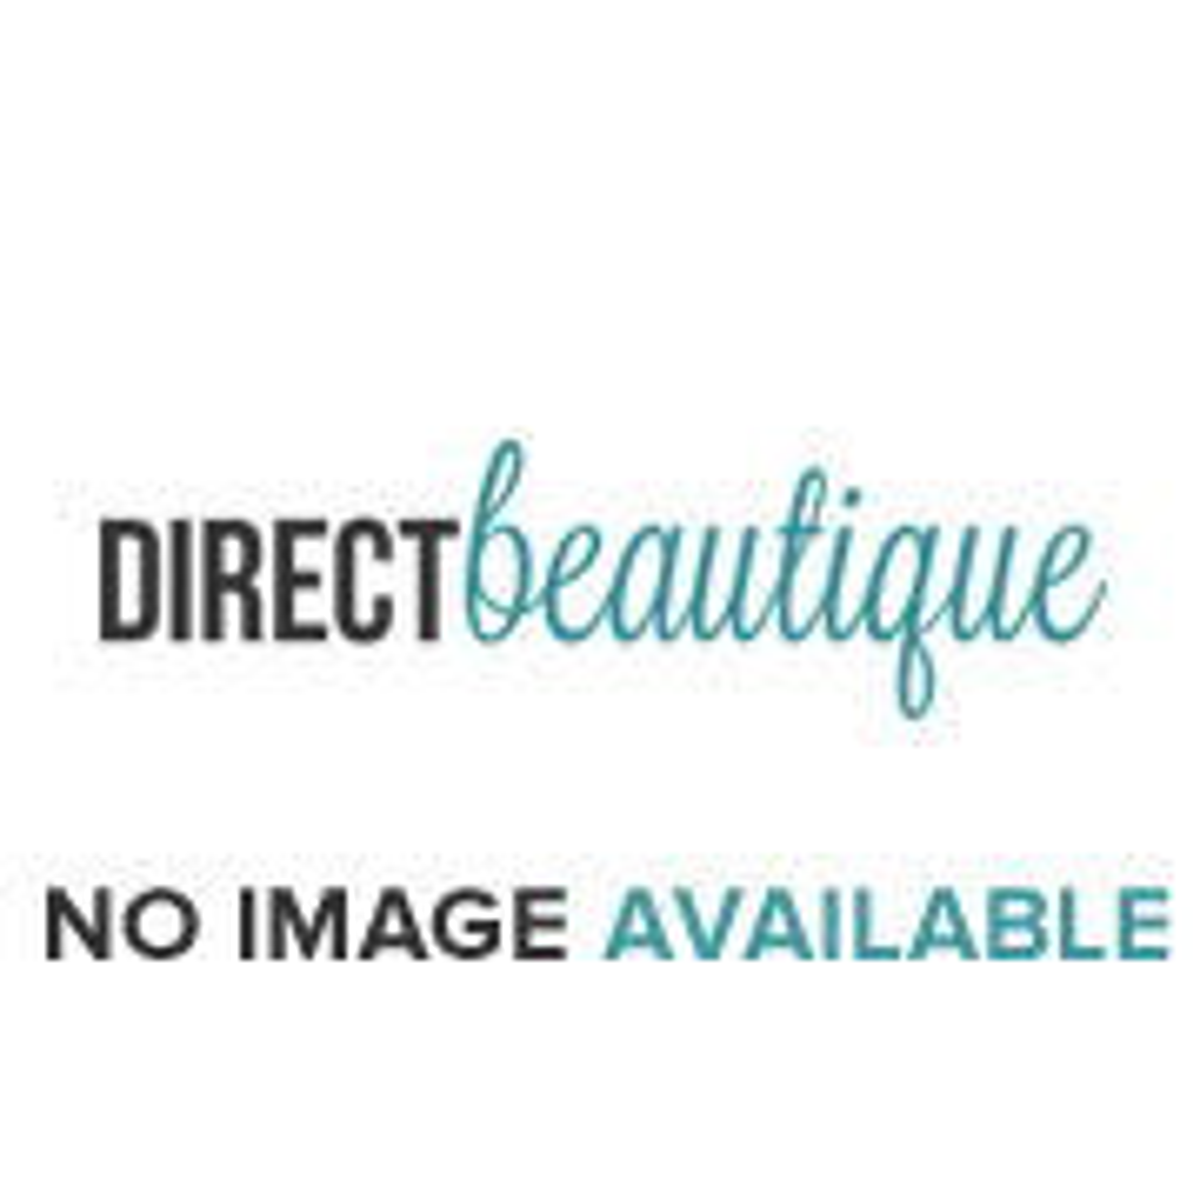 Lolita Lempicka * Lolita Lempicka 50ml EDP Spray